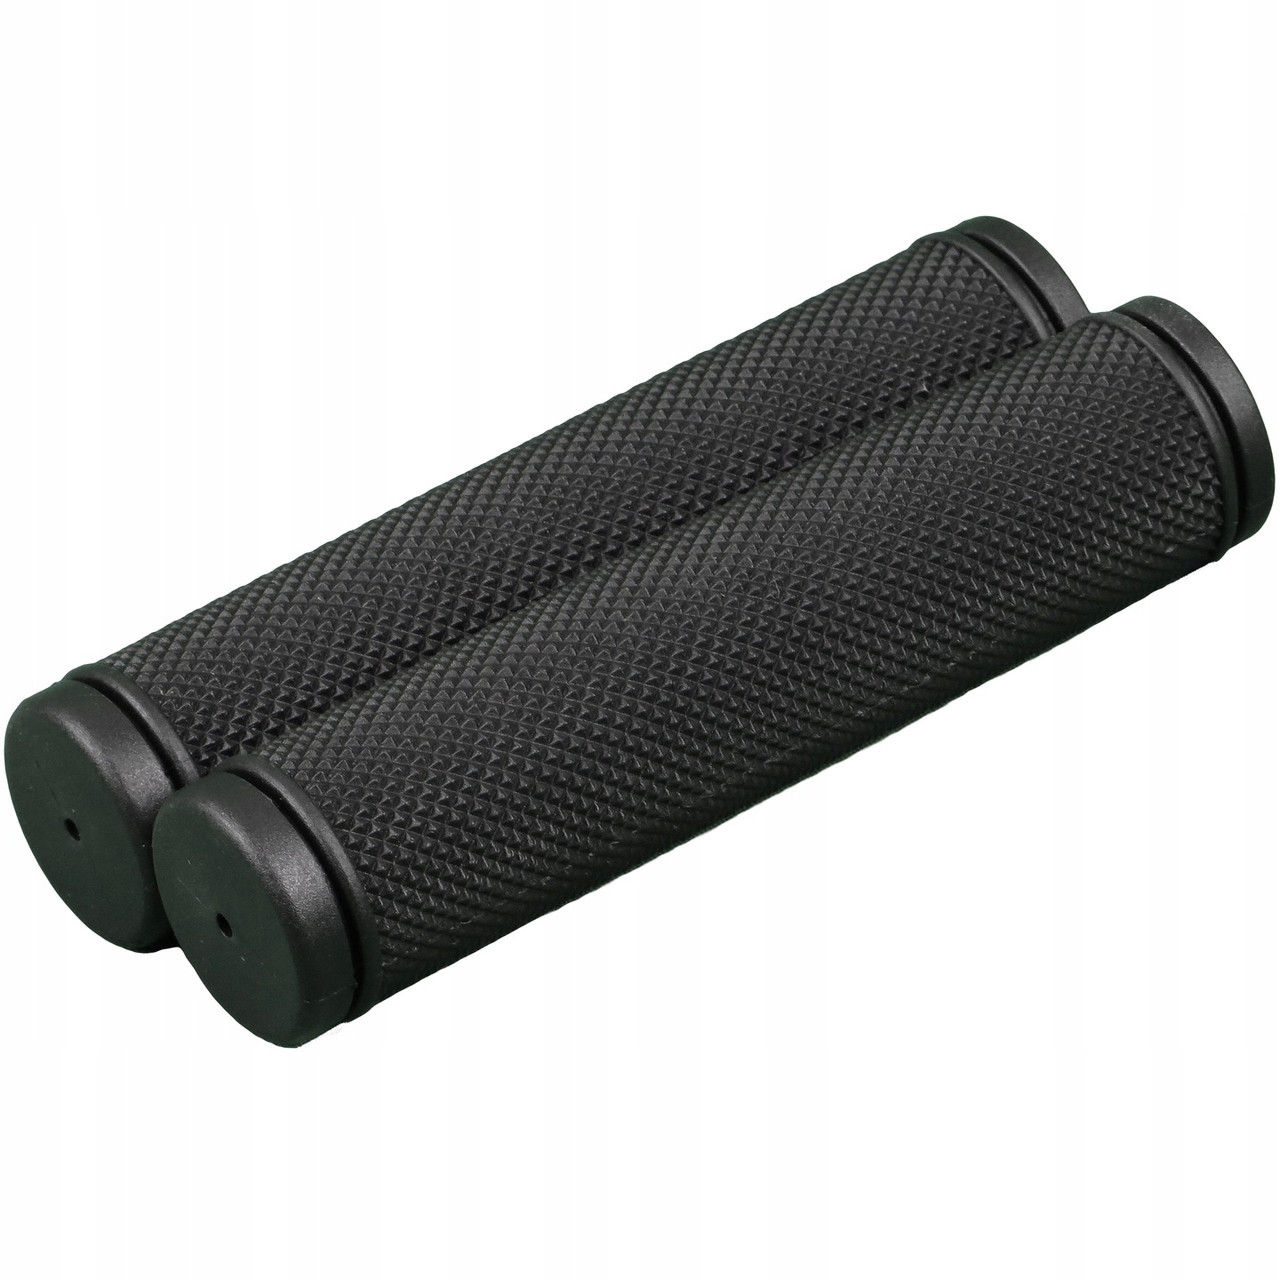 Грипсы Velo VLG-609 прямые, 130 мм